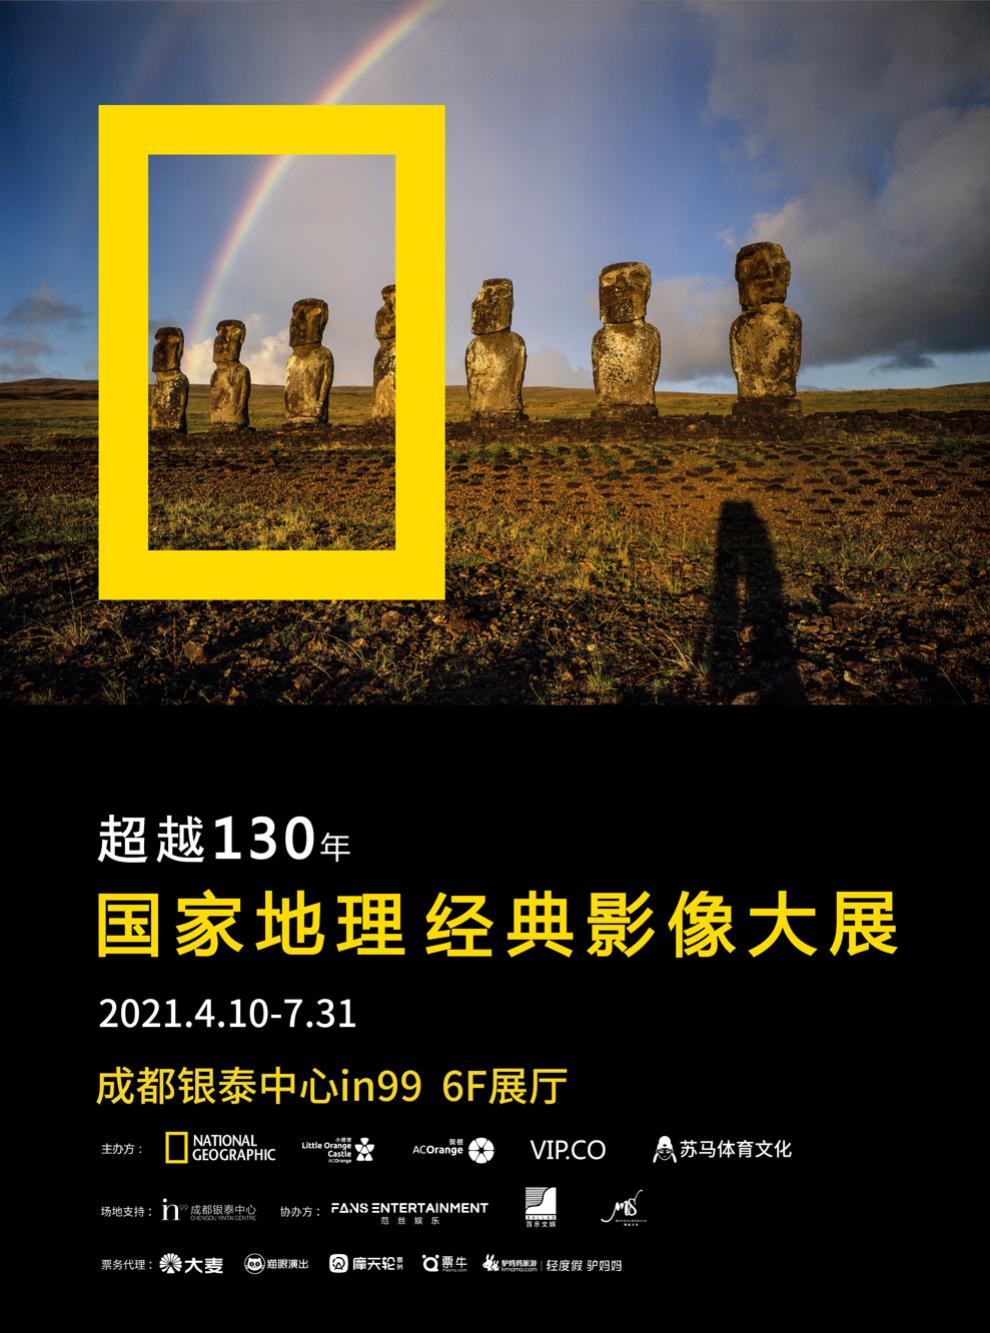 「西南首展」国家地理经典影像大展